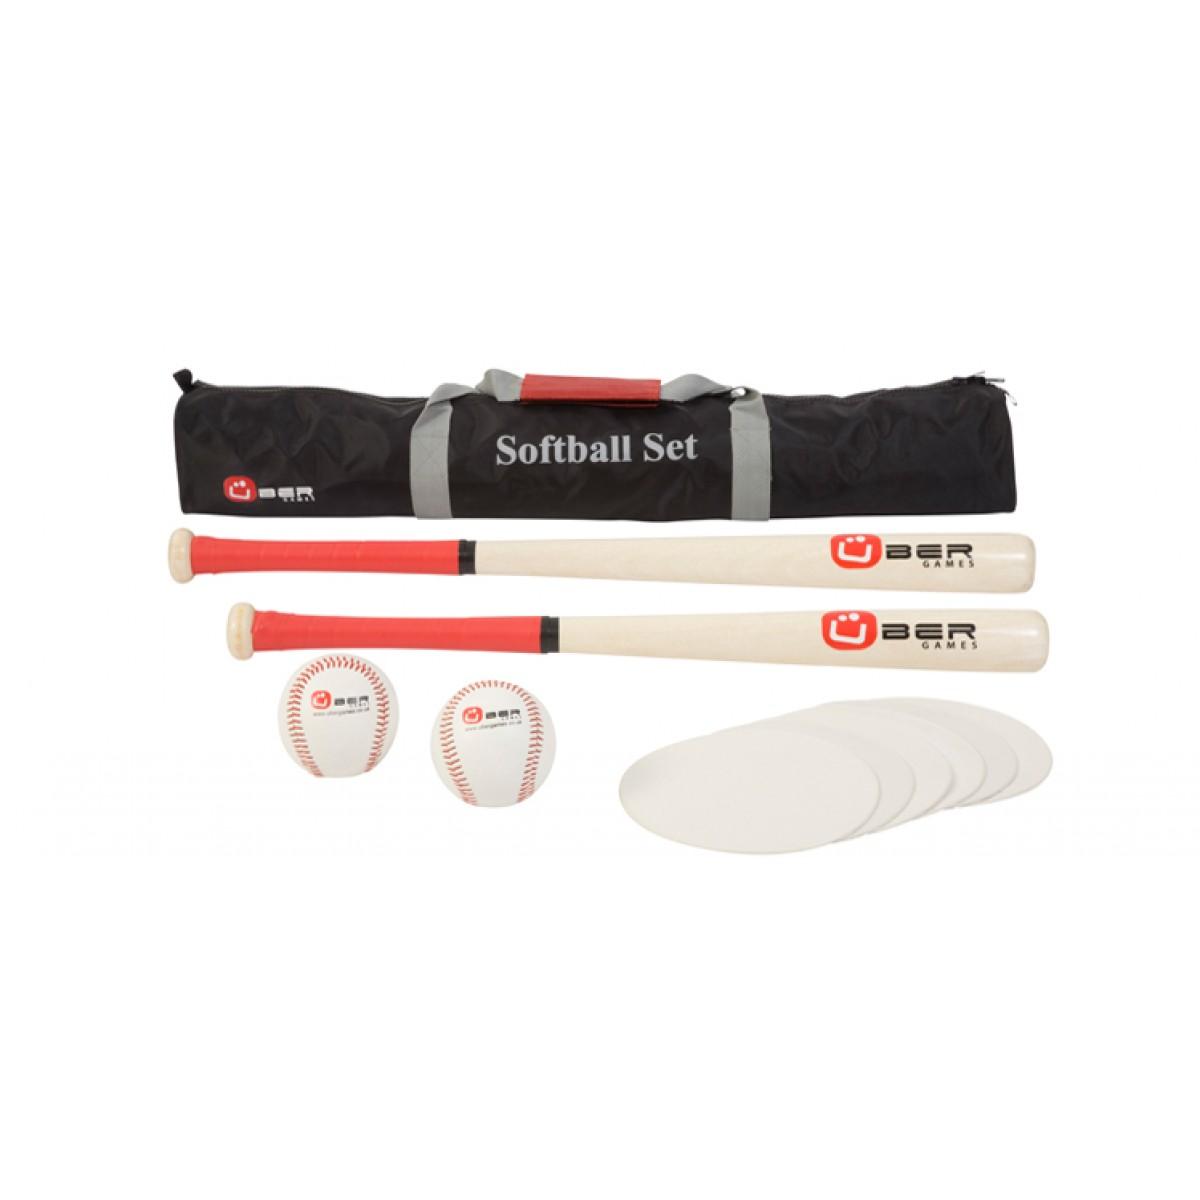 bergames softball spiel mit zwei schl gern neu bei holzspielzeug profi. Black Bedroom Furniture Sets. Home Design Ideas